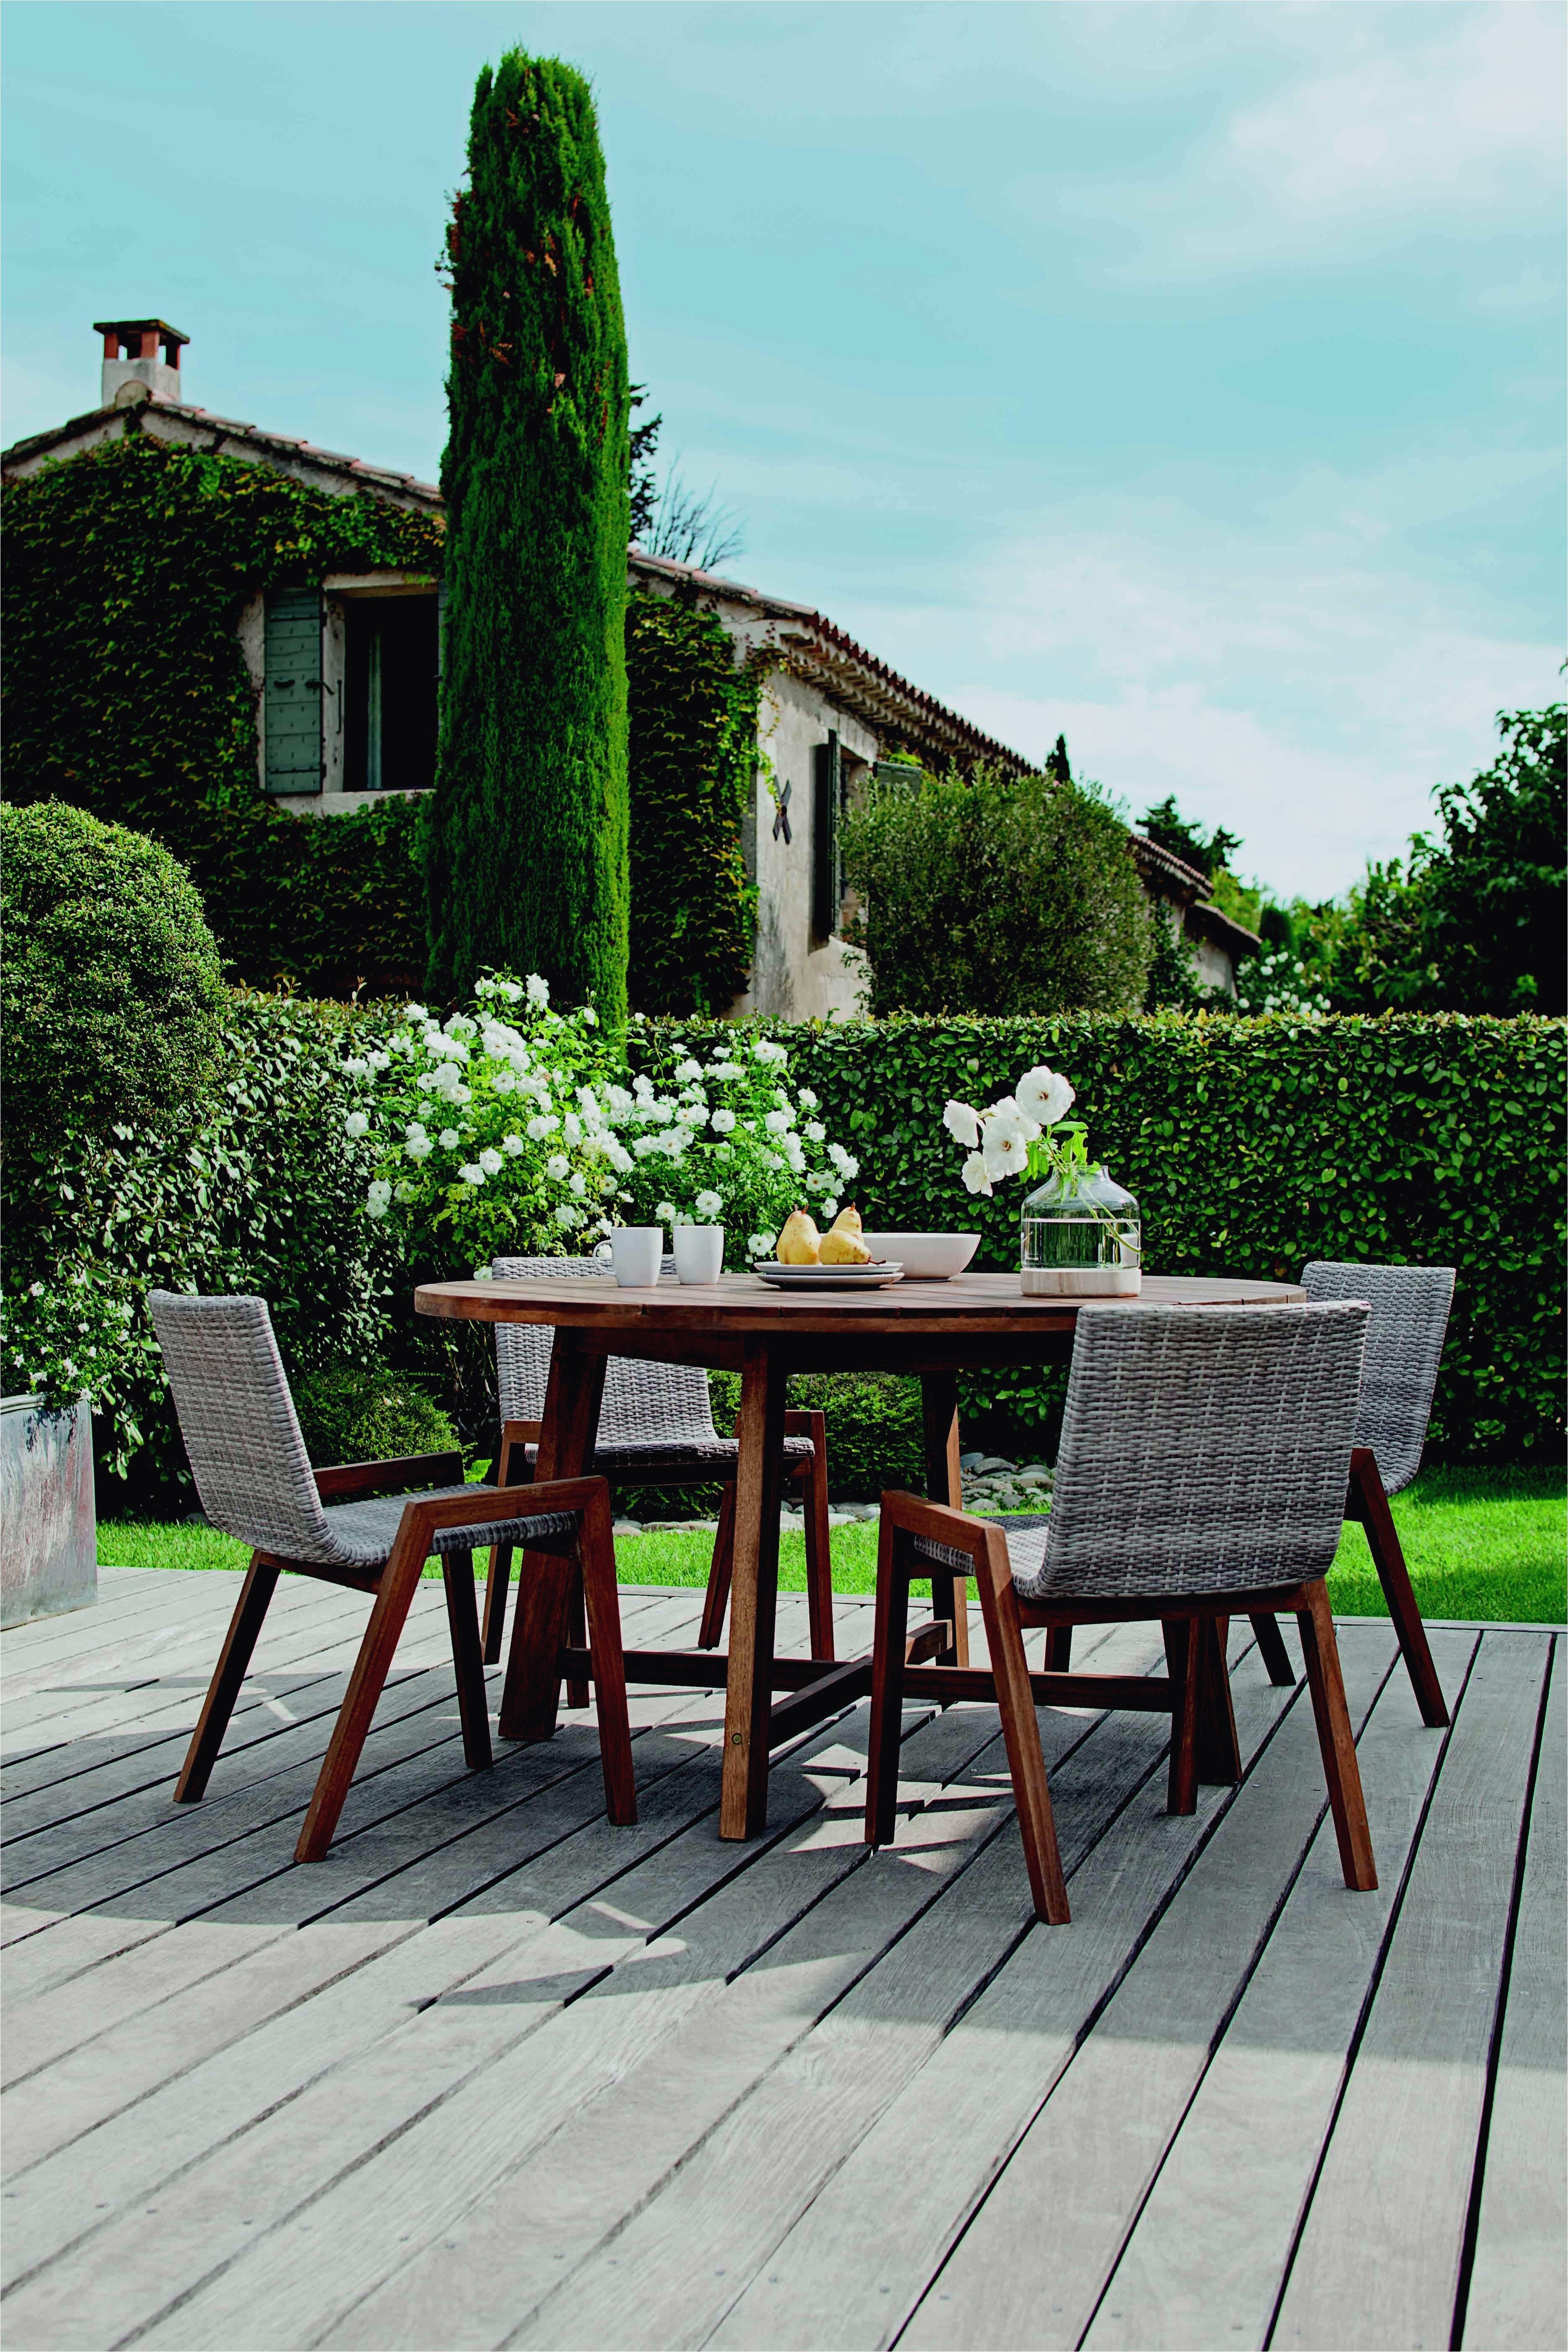 Table De Jardin Ronde En Bois Leclerc Beau Photos Table De Jardin Mosaique Plus Vieux Leclerc Bain De soleil Unique